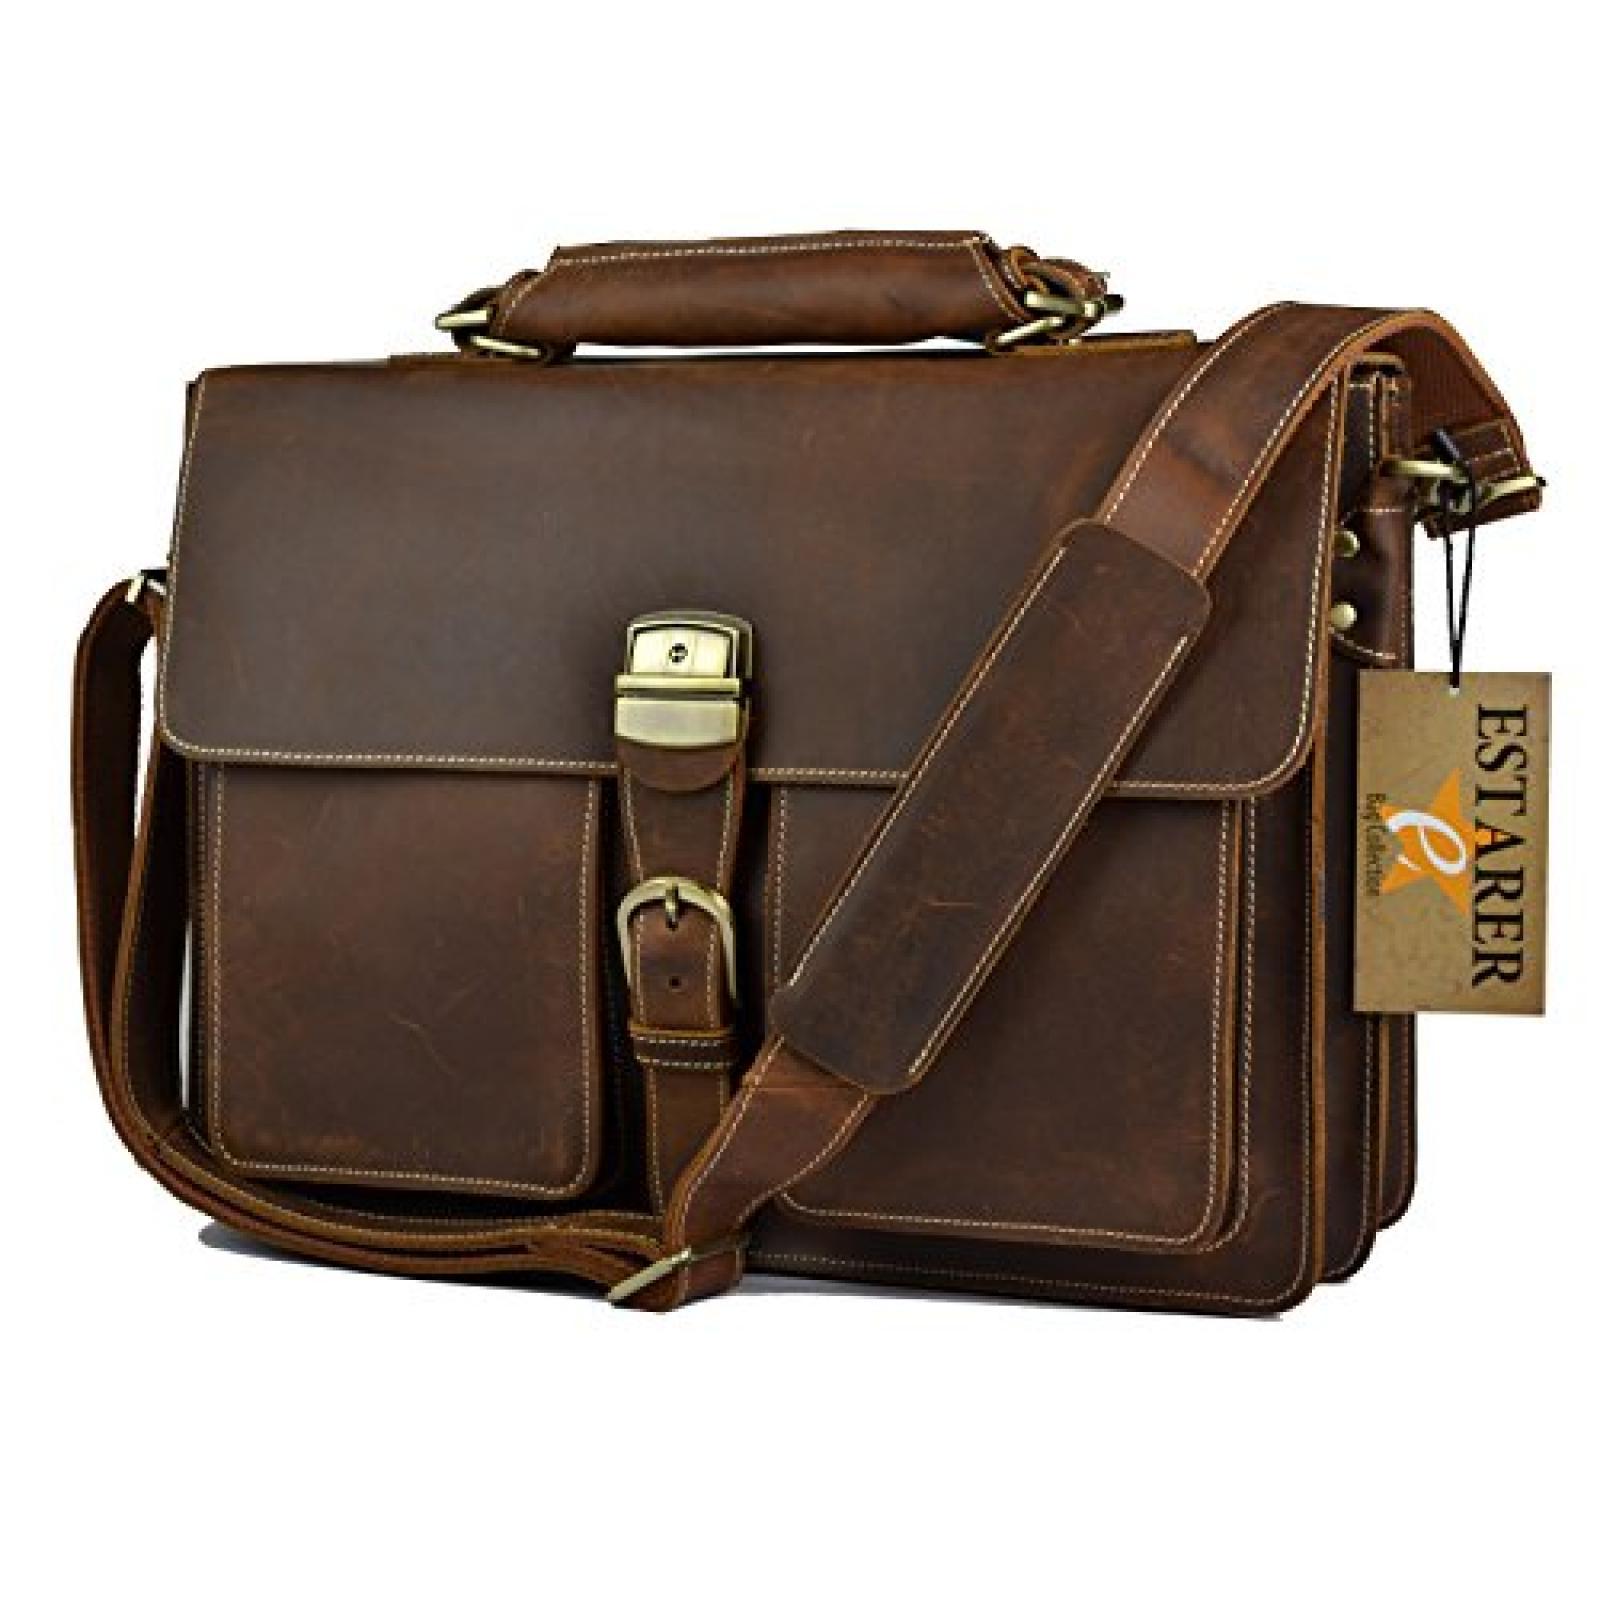 Estarer Herren Groß Aktentasche Handtasche Umhängetasche Vintage Rindsleder Arbeitstasche Bürotasche Laptoptasche